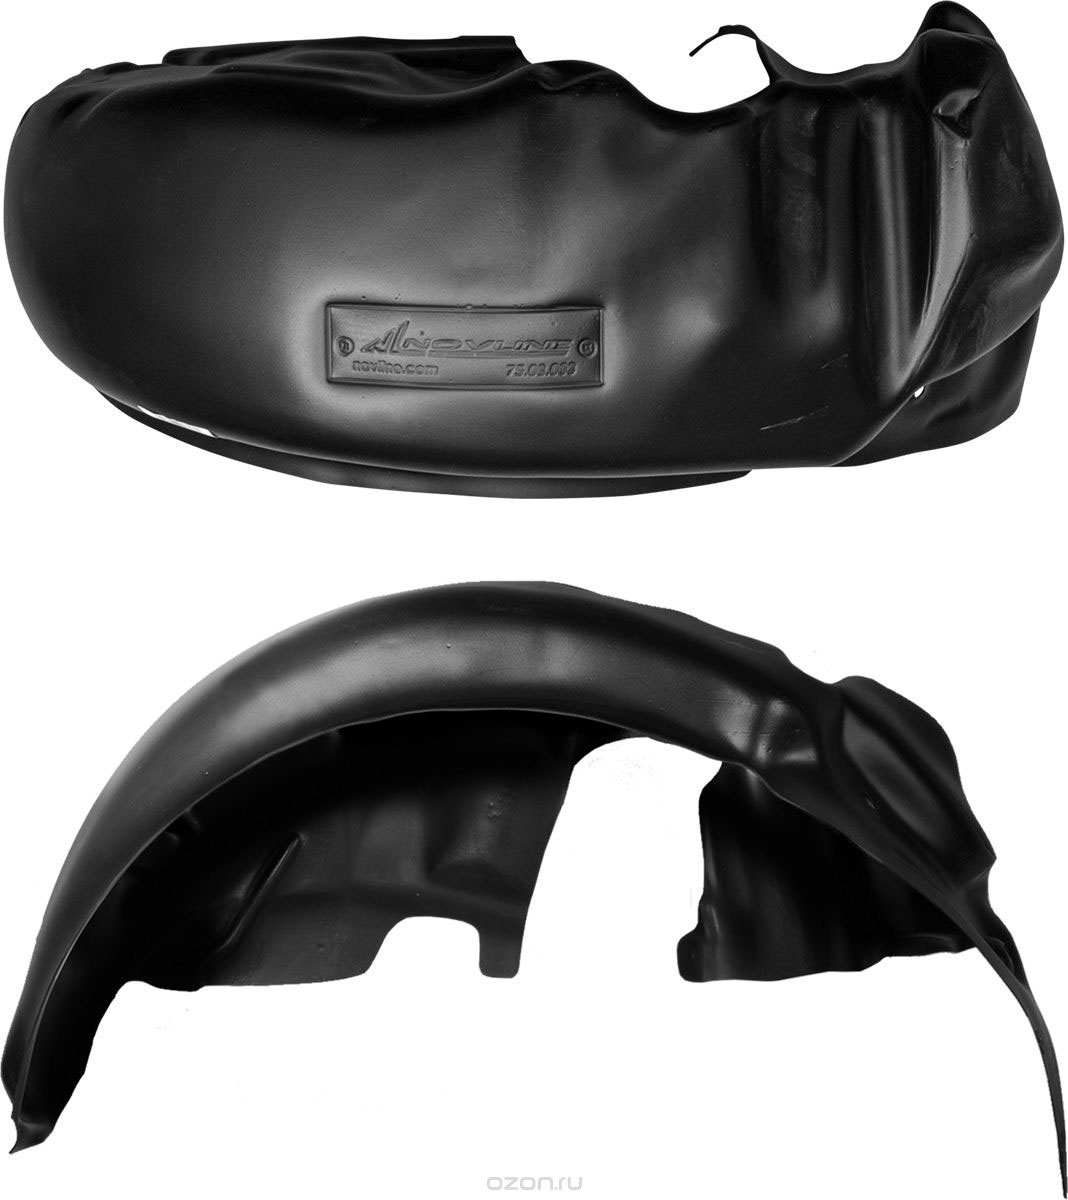 Подкрылок Novline-Autofamily, для CHERY Indis, 2011->, задний правыйAW-486-1Идеальная защита колесной ниши. Локеры разработаны с применением цифровых технологий, гарантируют максимальную повторяемость поверхности арки. Изделия устанавливаются без нарушения лакокрасочного покрытия автомобиля, каждый подкрылок комплектуется крепежом. Уважаемые клиенты, обращаем ваше внимание, что фотографии на подкрылки универсальные и не отражают реальную форму изделия. При этом само изделие идет точно под размер указанного автомобиля.